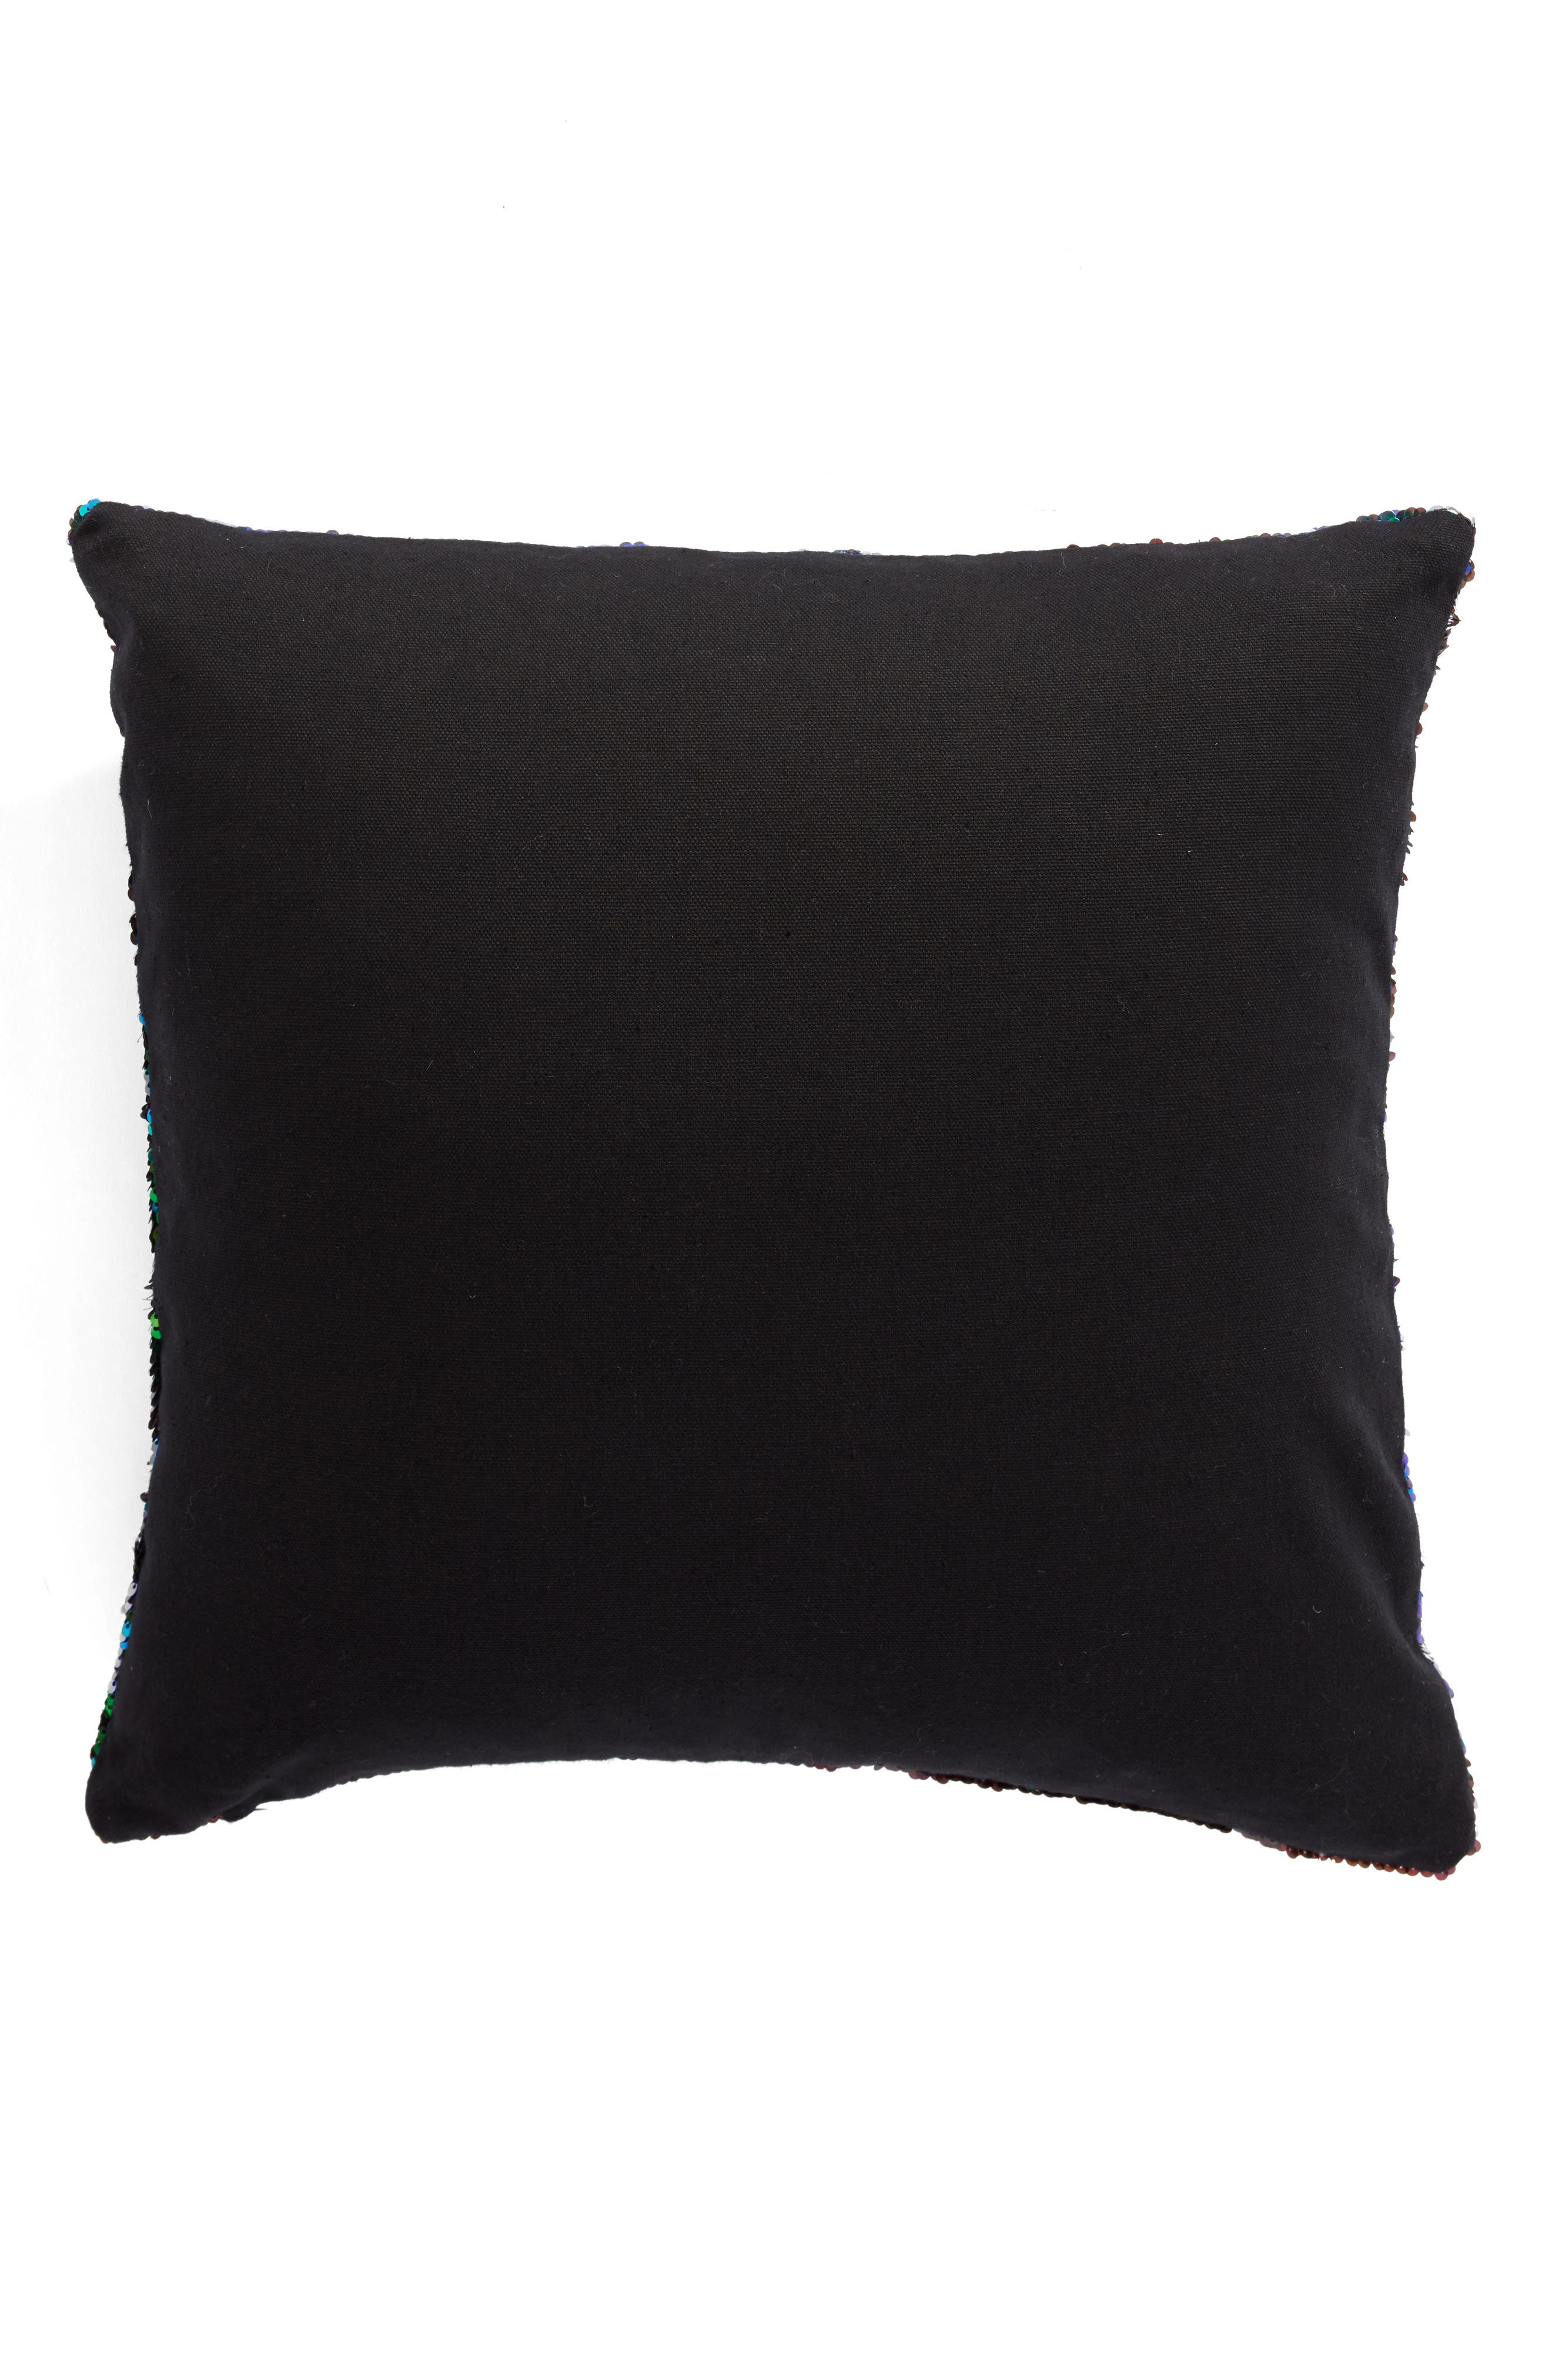 Sequin Pillow,                             Alternate thumbnail 4, color,                             Black